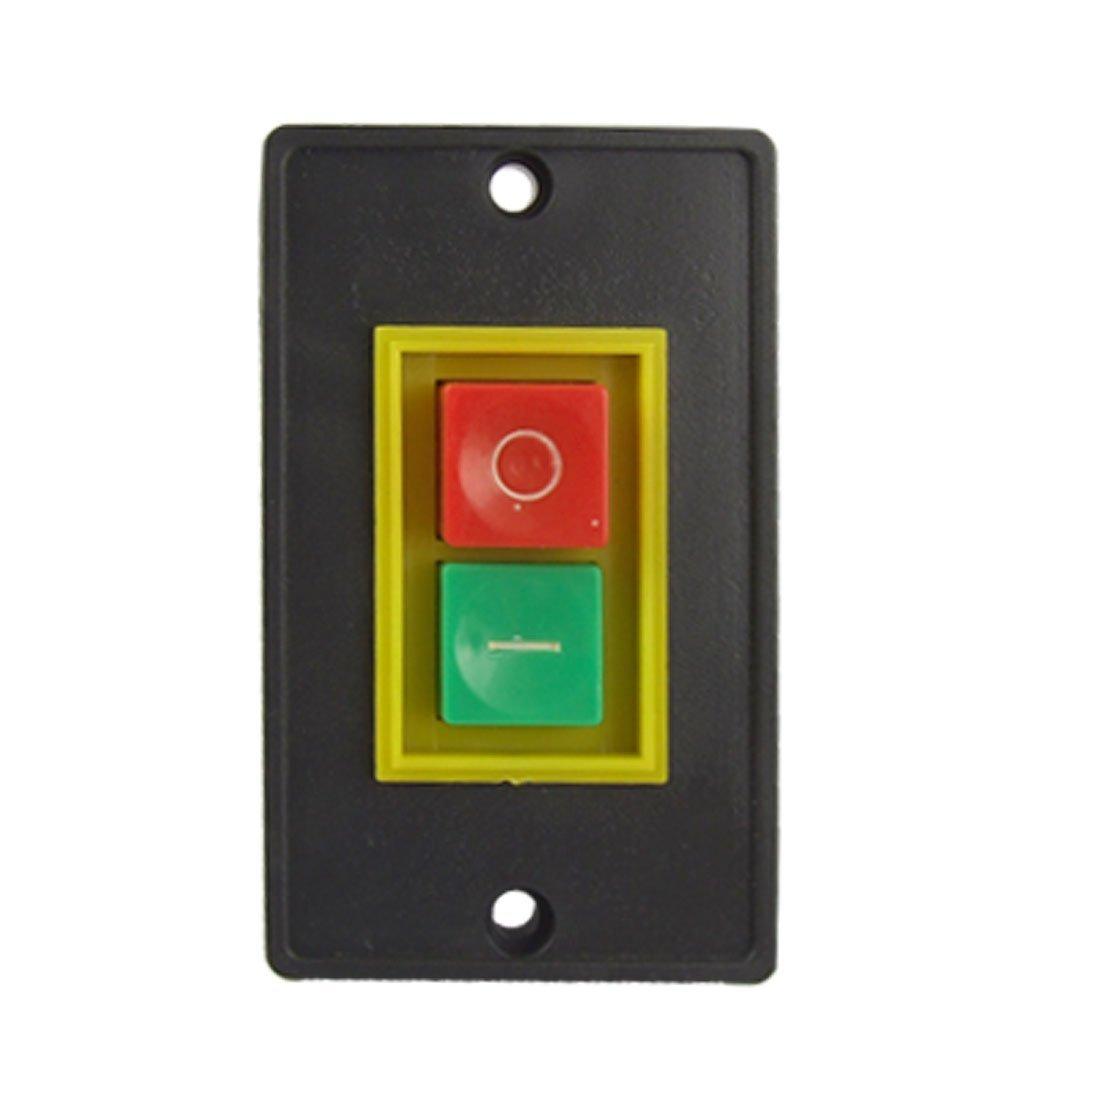 QCSon off start stop montaje empotrado botón pulsador Interruptor KW para Herramienta